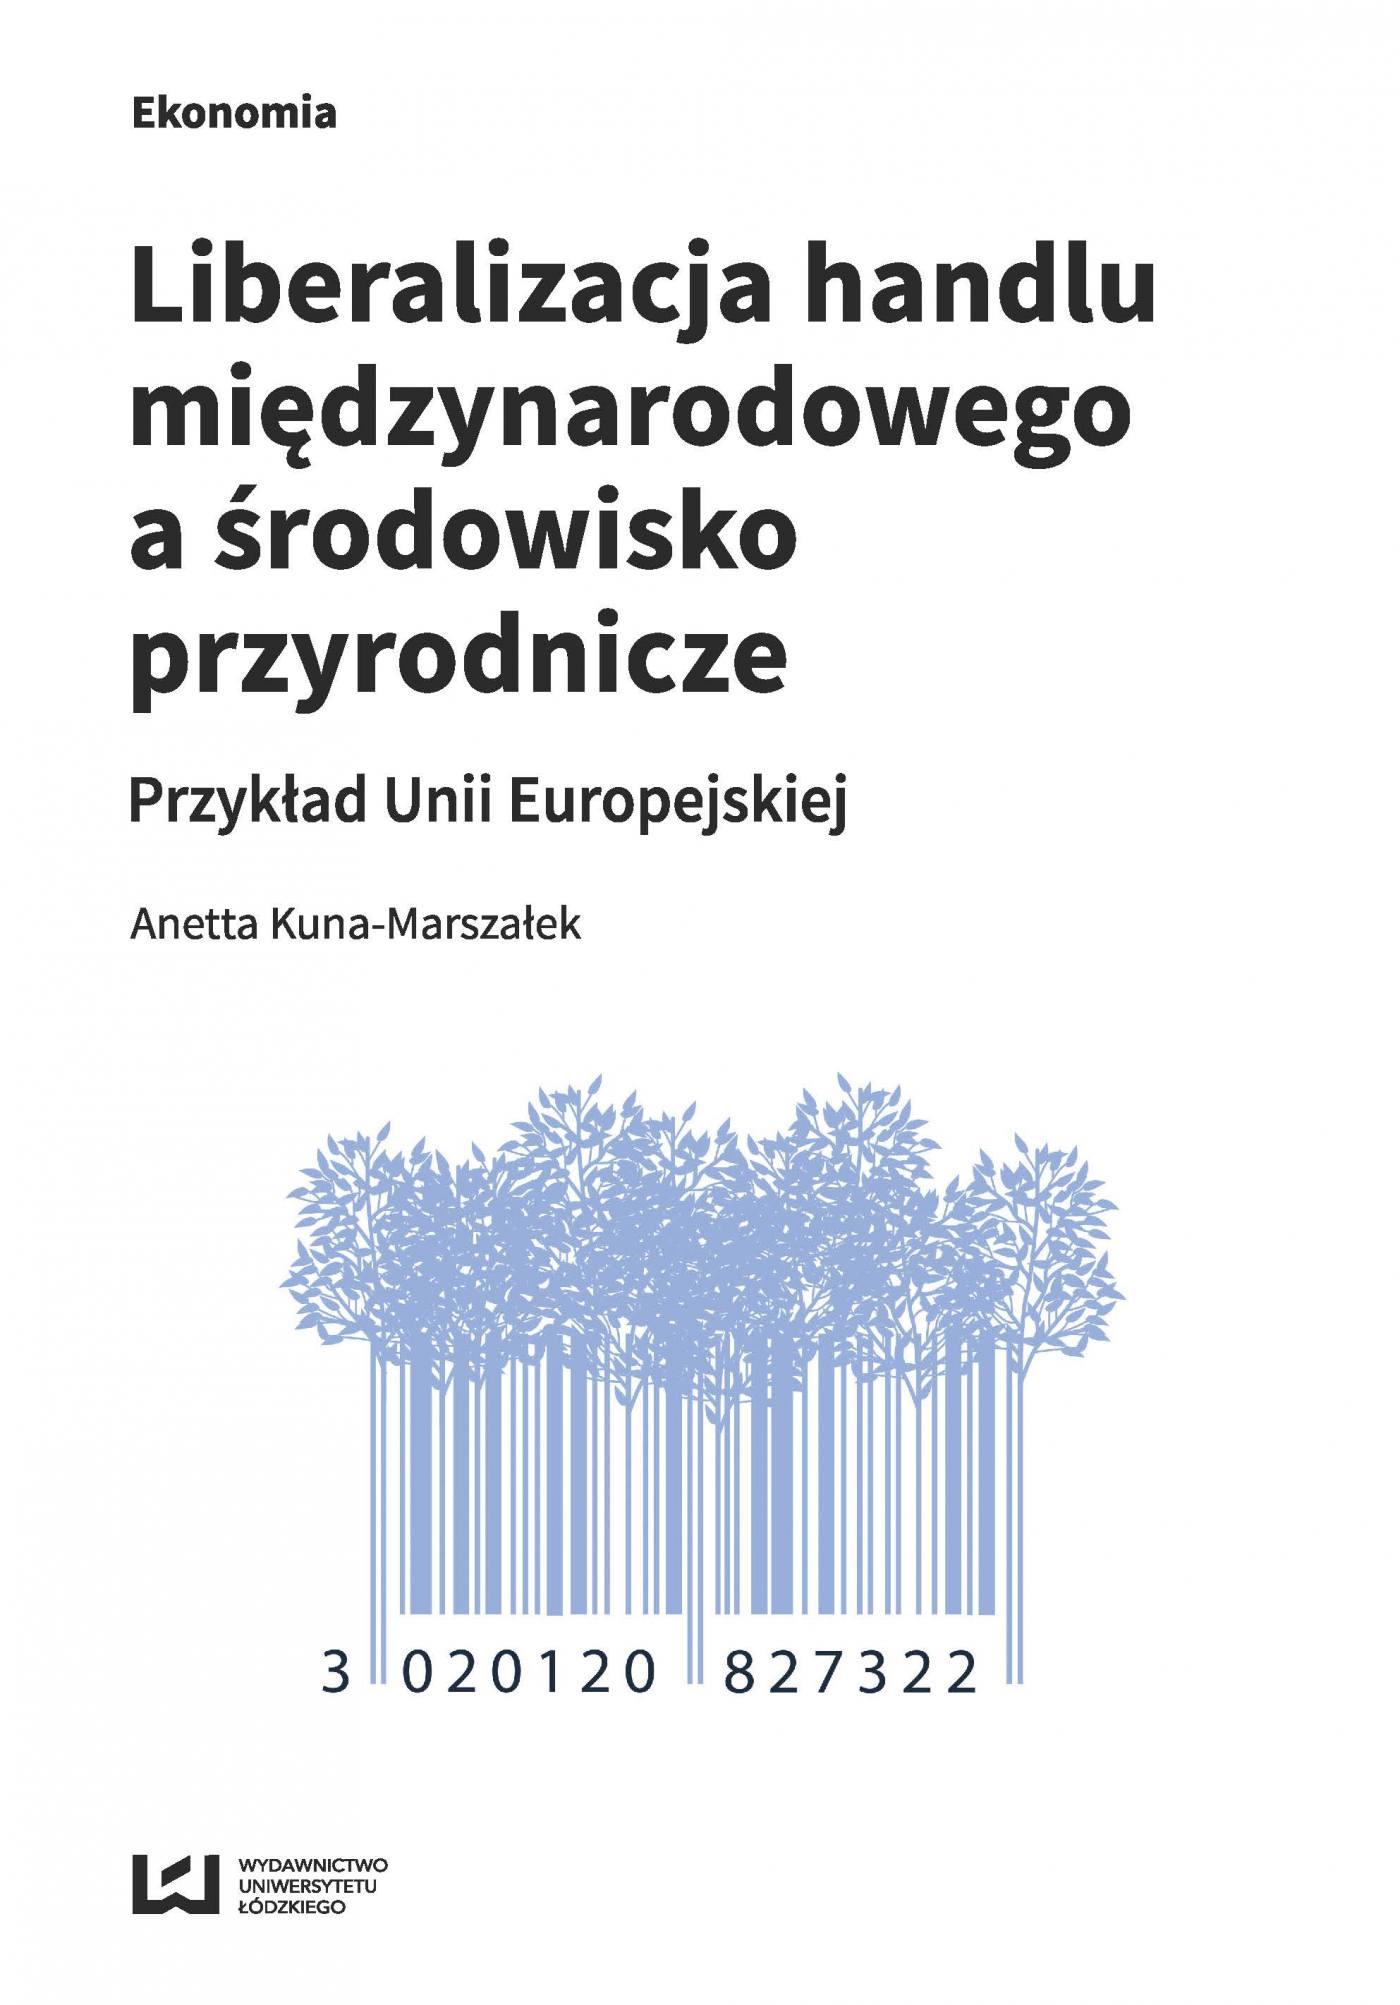 Liberalizacja handlu międzynarodowego a środowisko przyrodnicze. Przykład Unii Europejskiej - Ebook (Książka PDF) do pobrania w formacie PDF